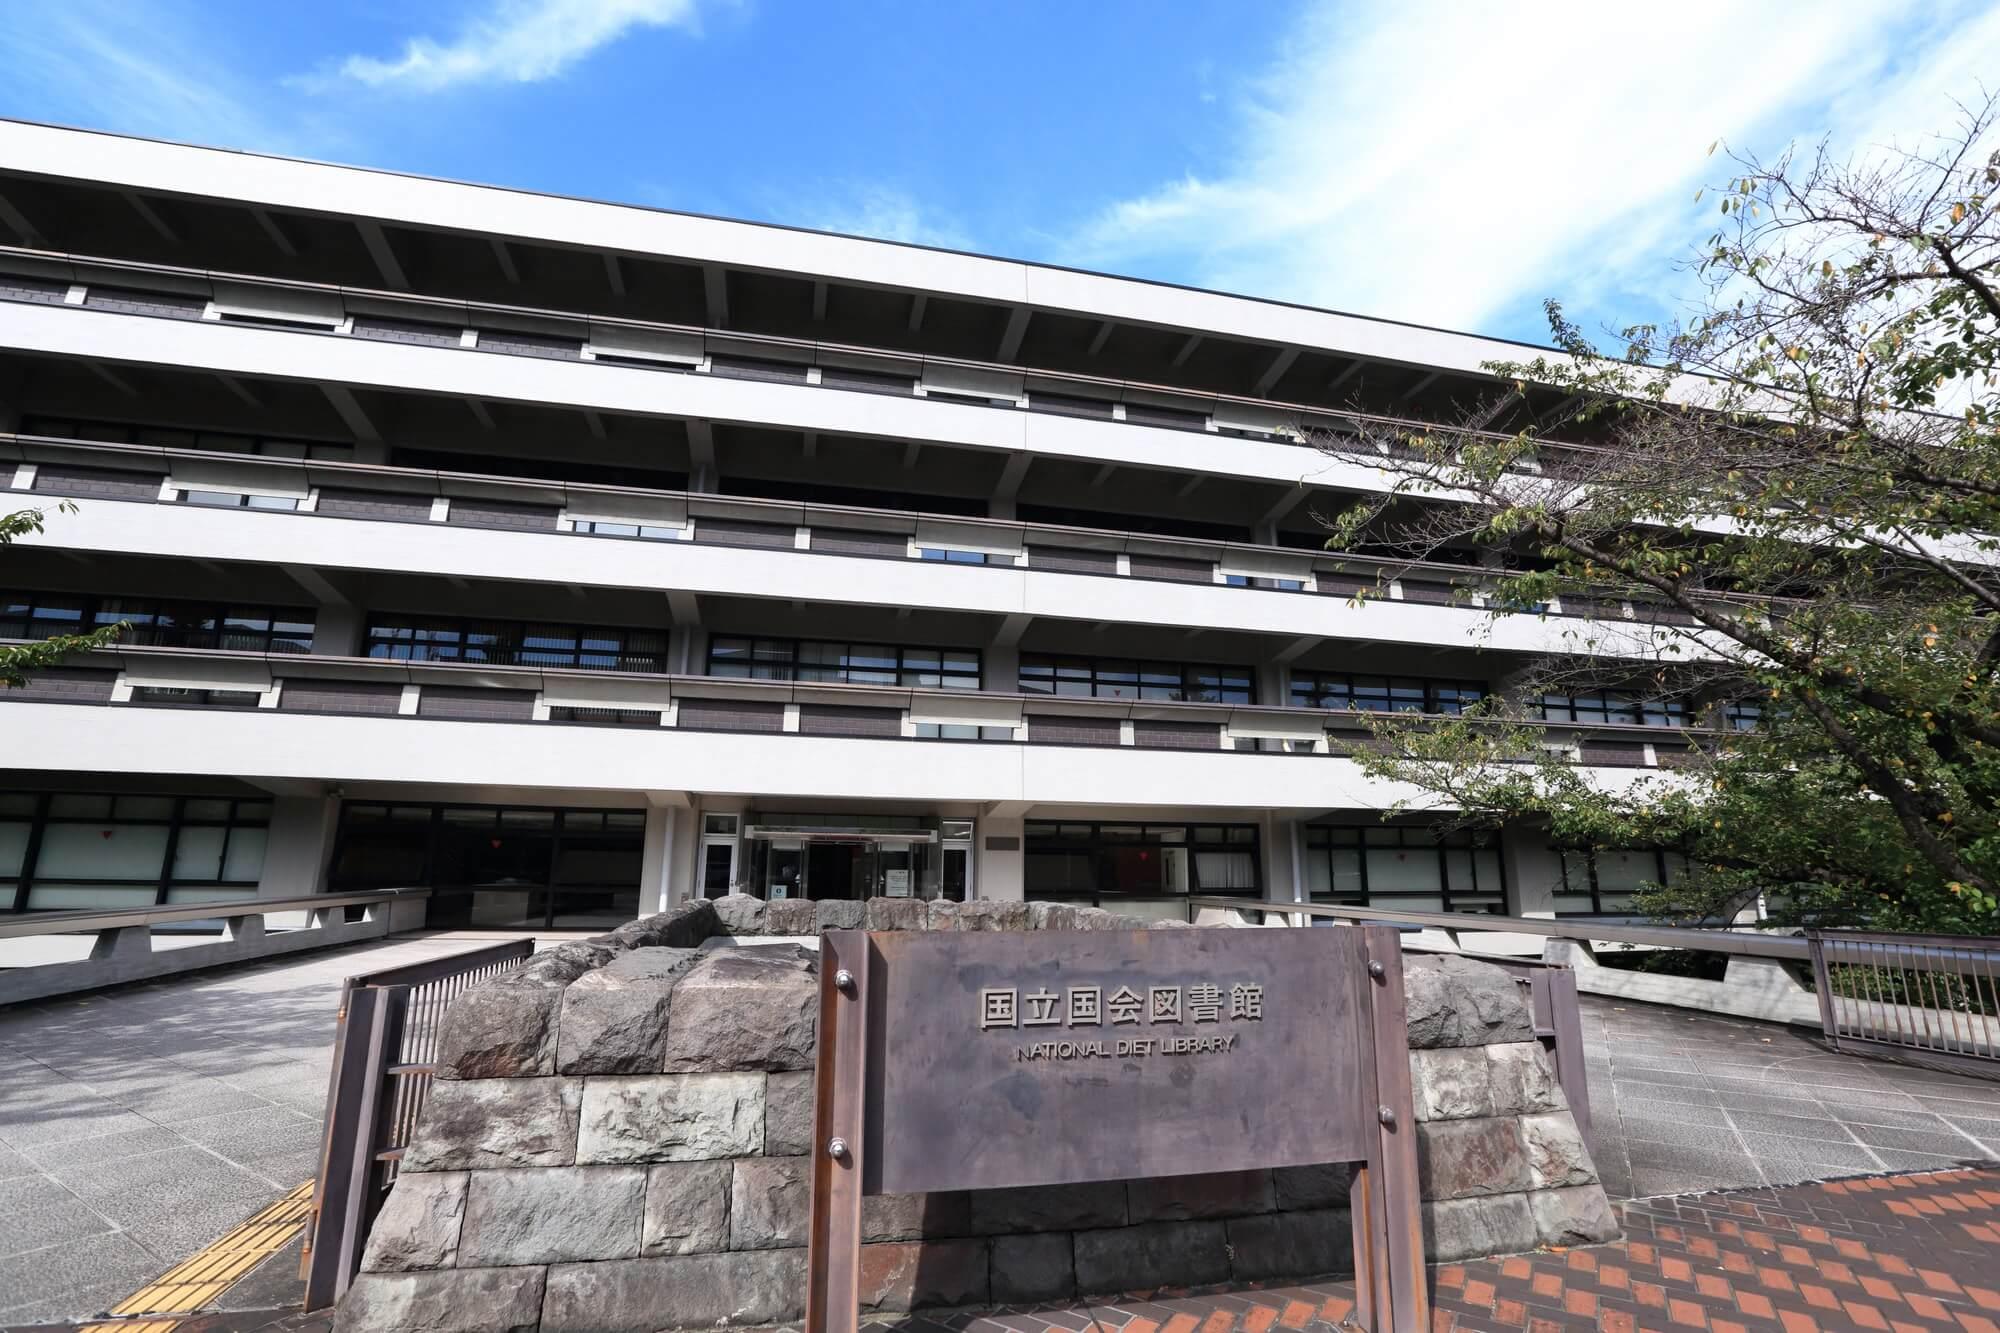 6月5日国立国会図書館開館70周年ところで国立国会図書館ってどう使う?